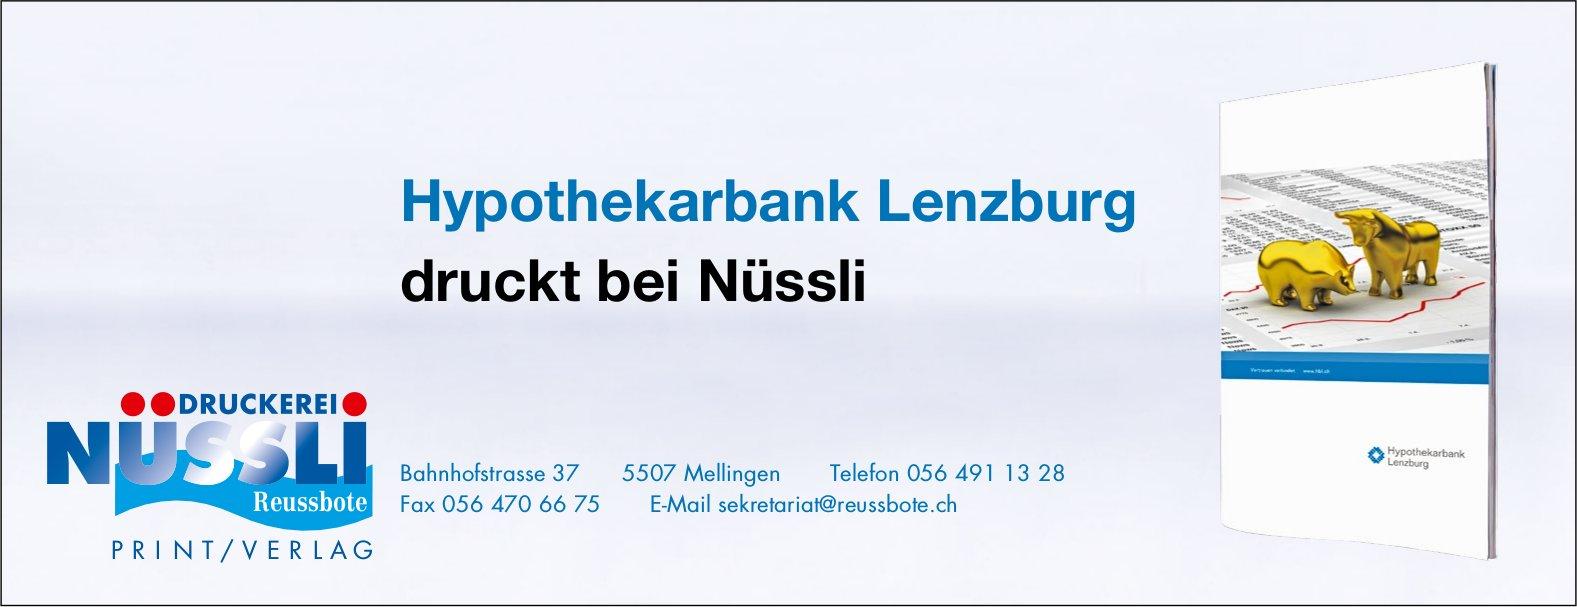 Hypothekarbank Lenzburg druckt bei Nüssli